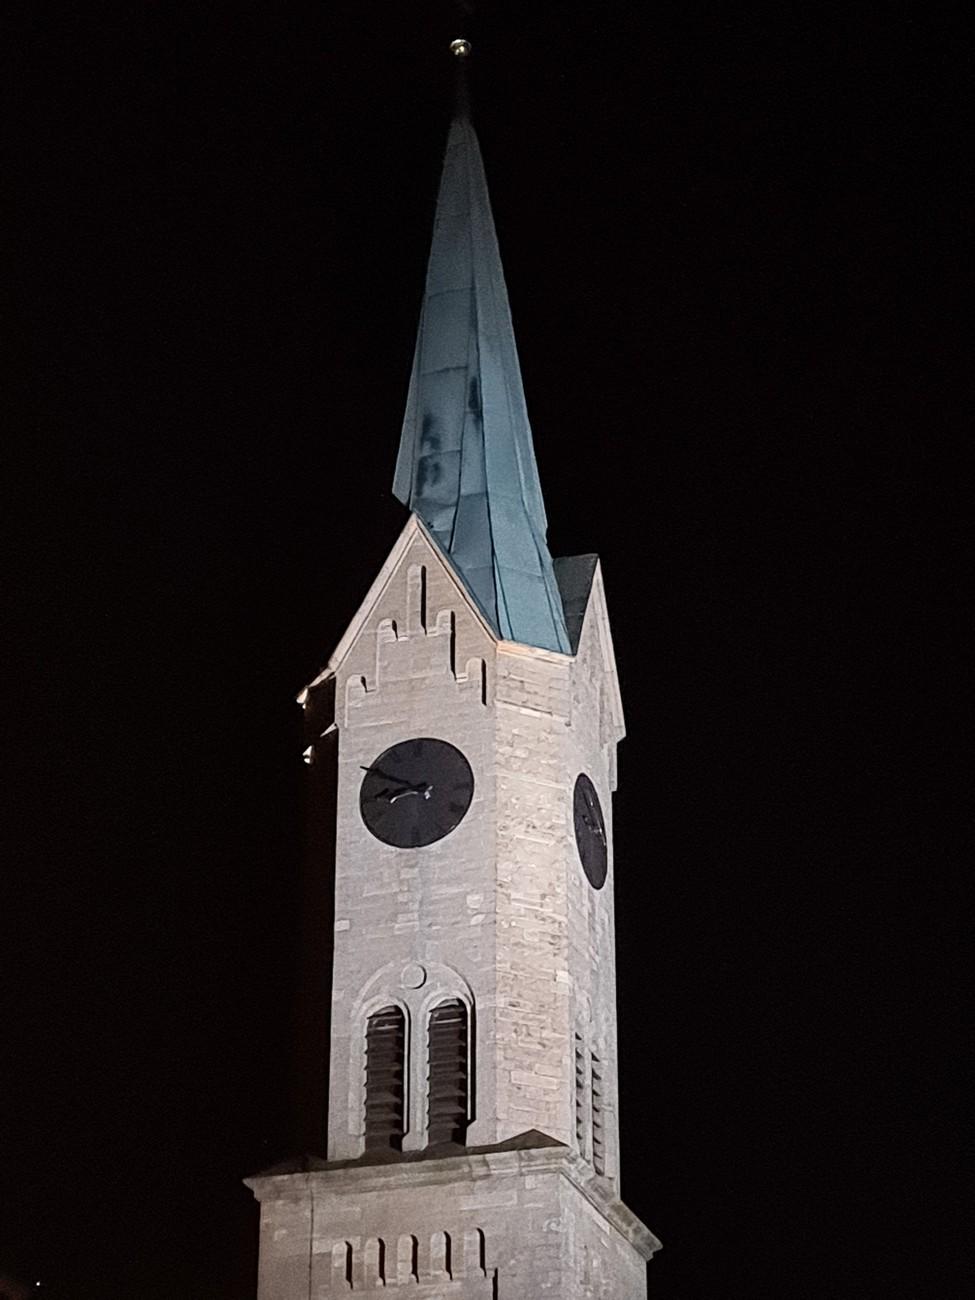 Warum Läuten Um 21 Uhr Die Kirchenglocken